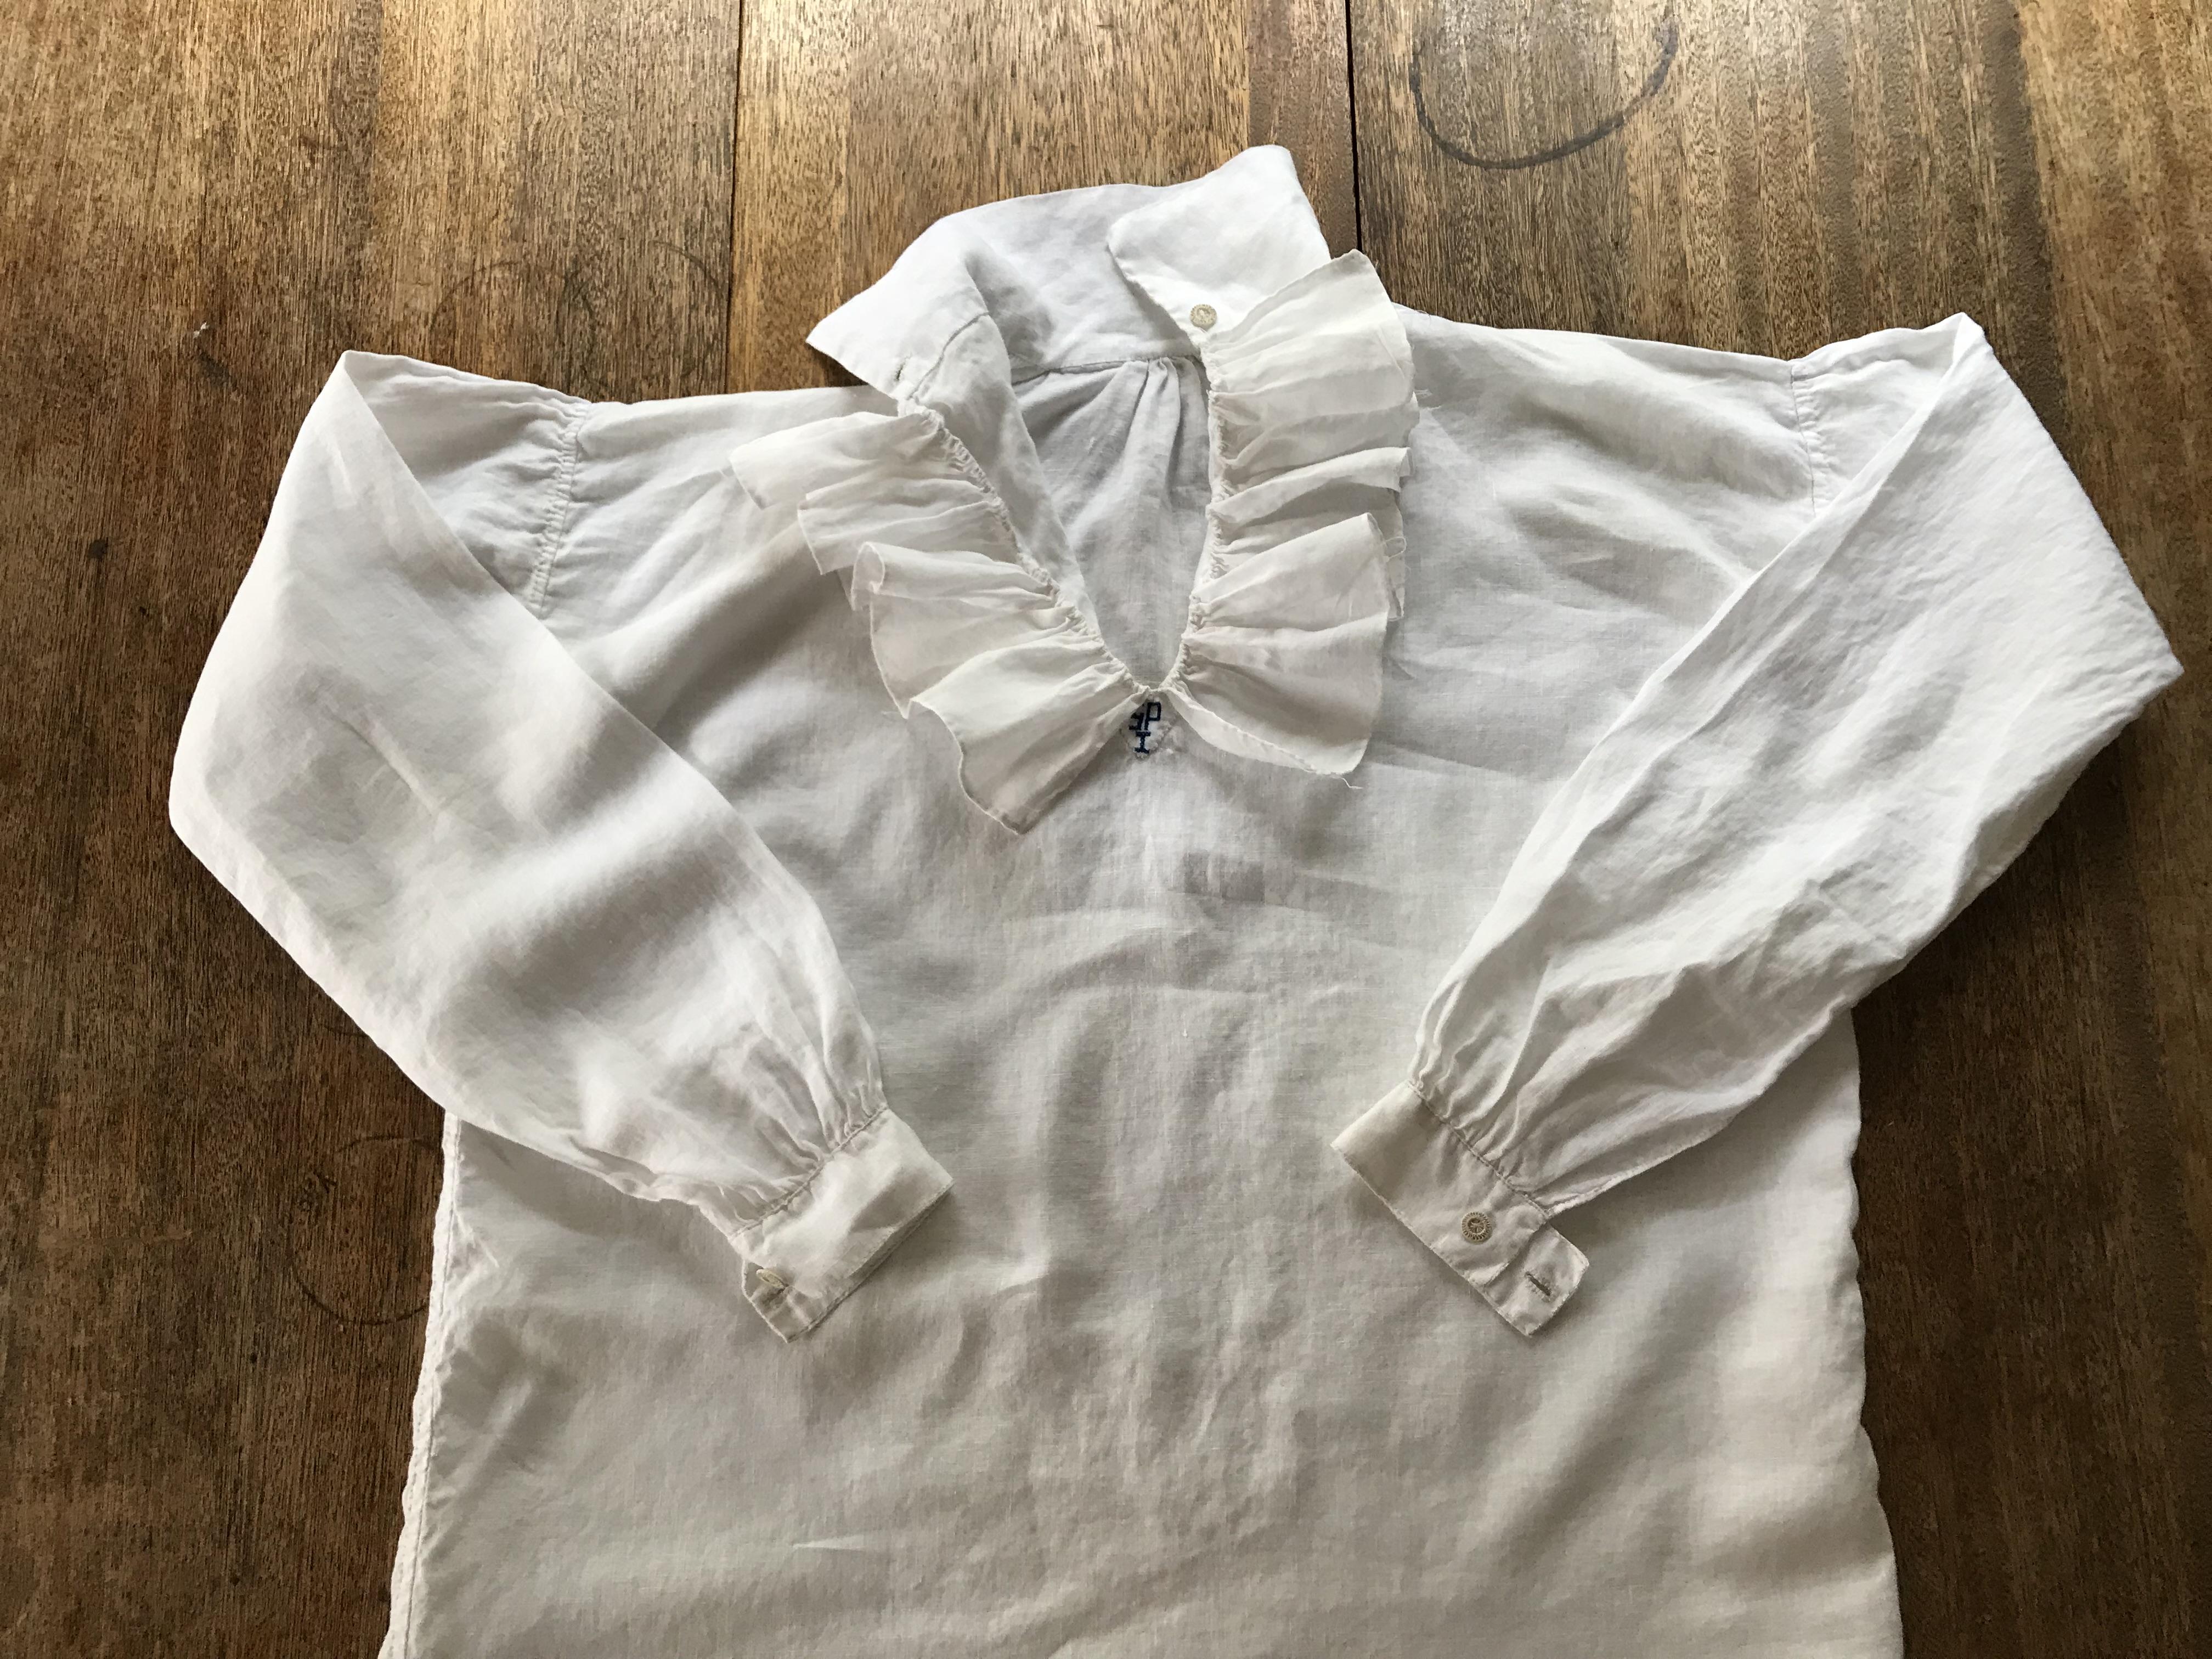 An 18th Century Men's Shirt